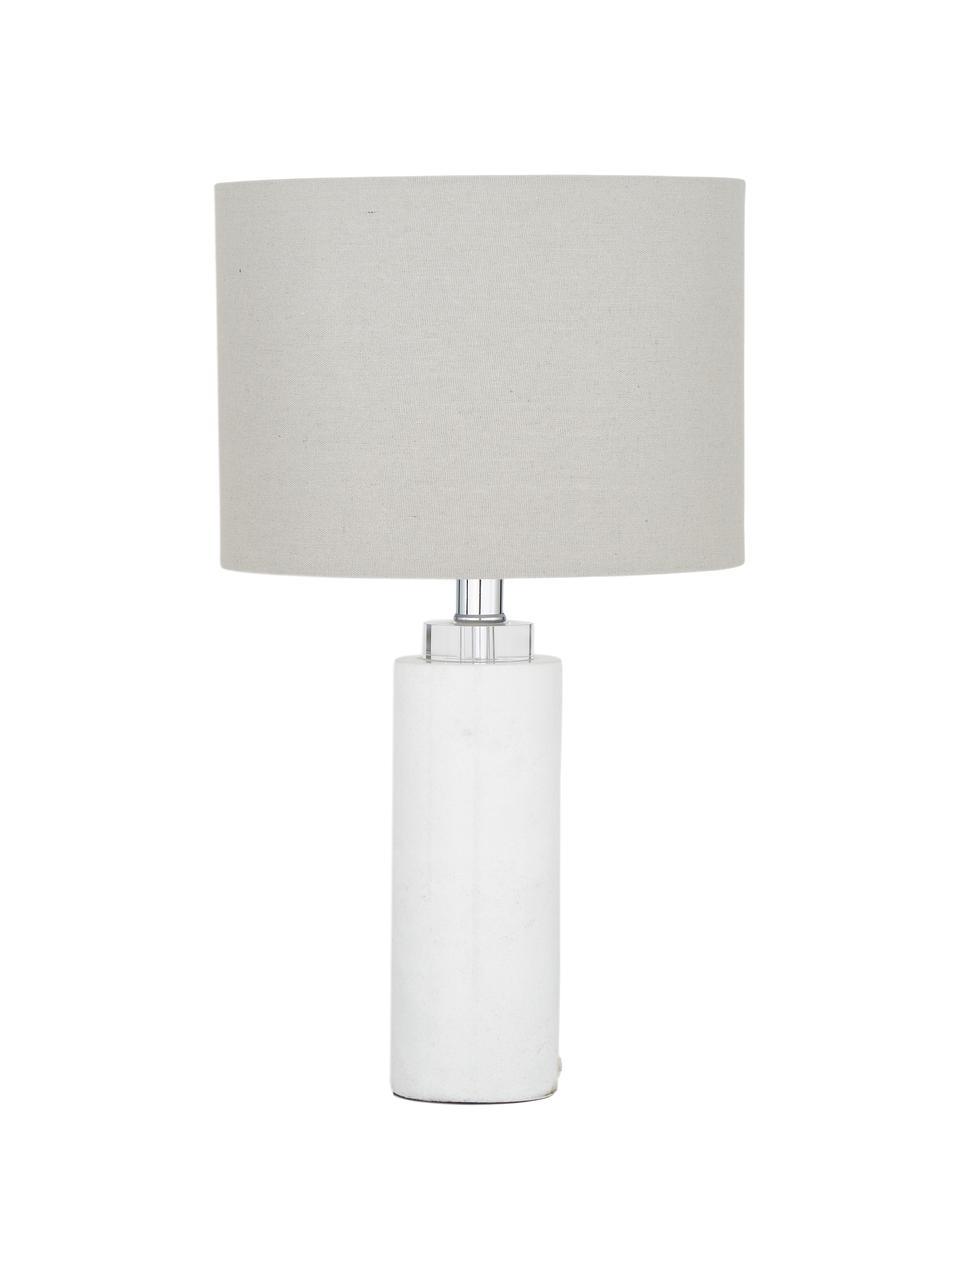 Lampada da tavolo con base in marmo Amanda, Paralume: tessuto, Base della lampada: marmo, cristallo, Bianco, Ø 28 x Alt. 48 cm